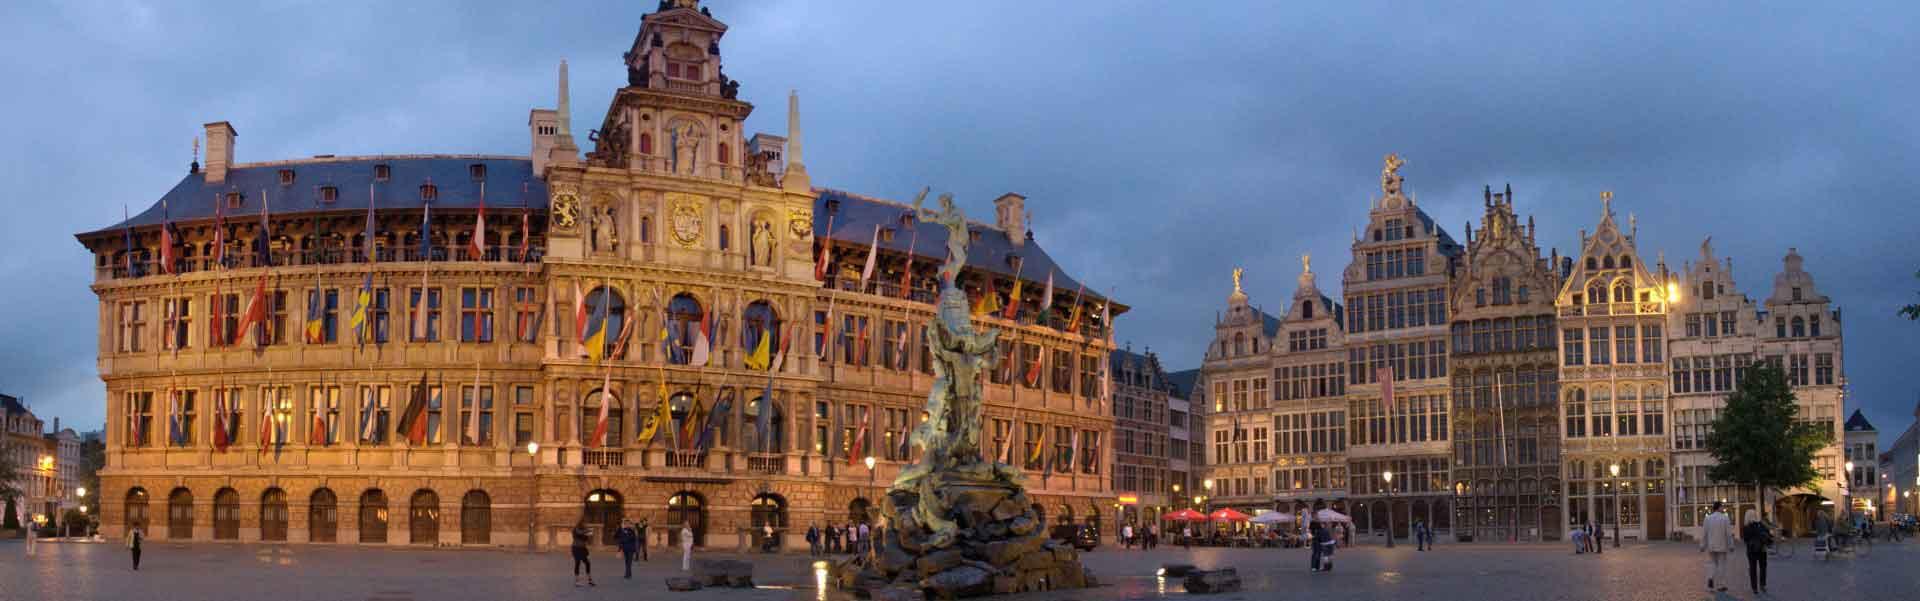 Personeelsreis Antwerpen